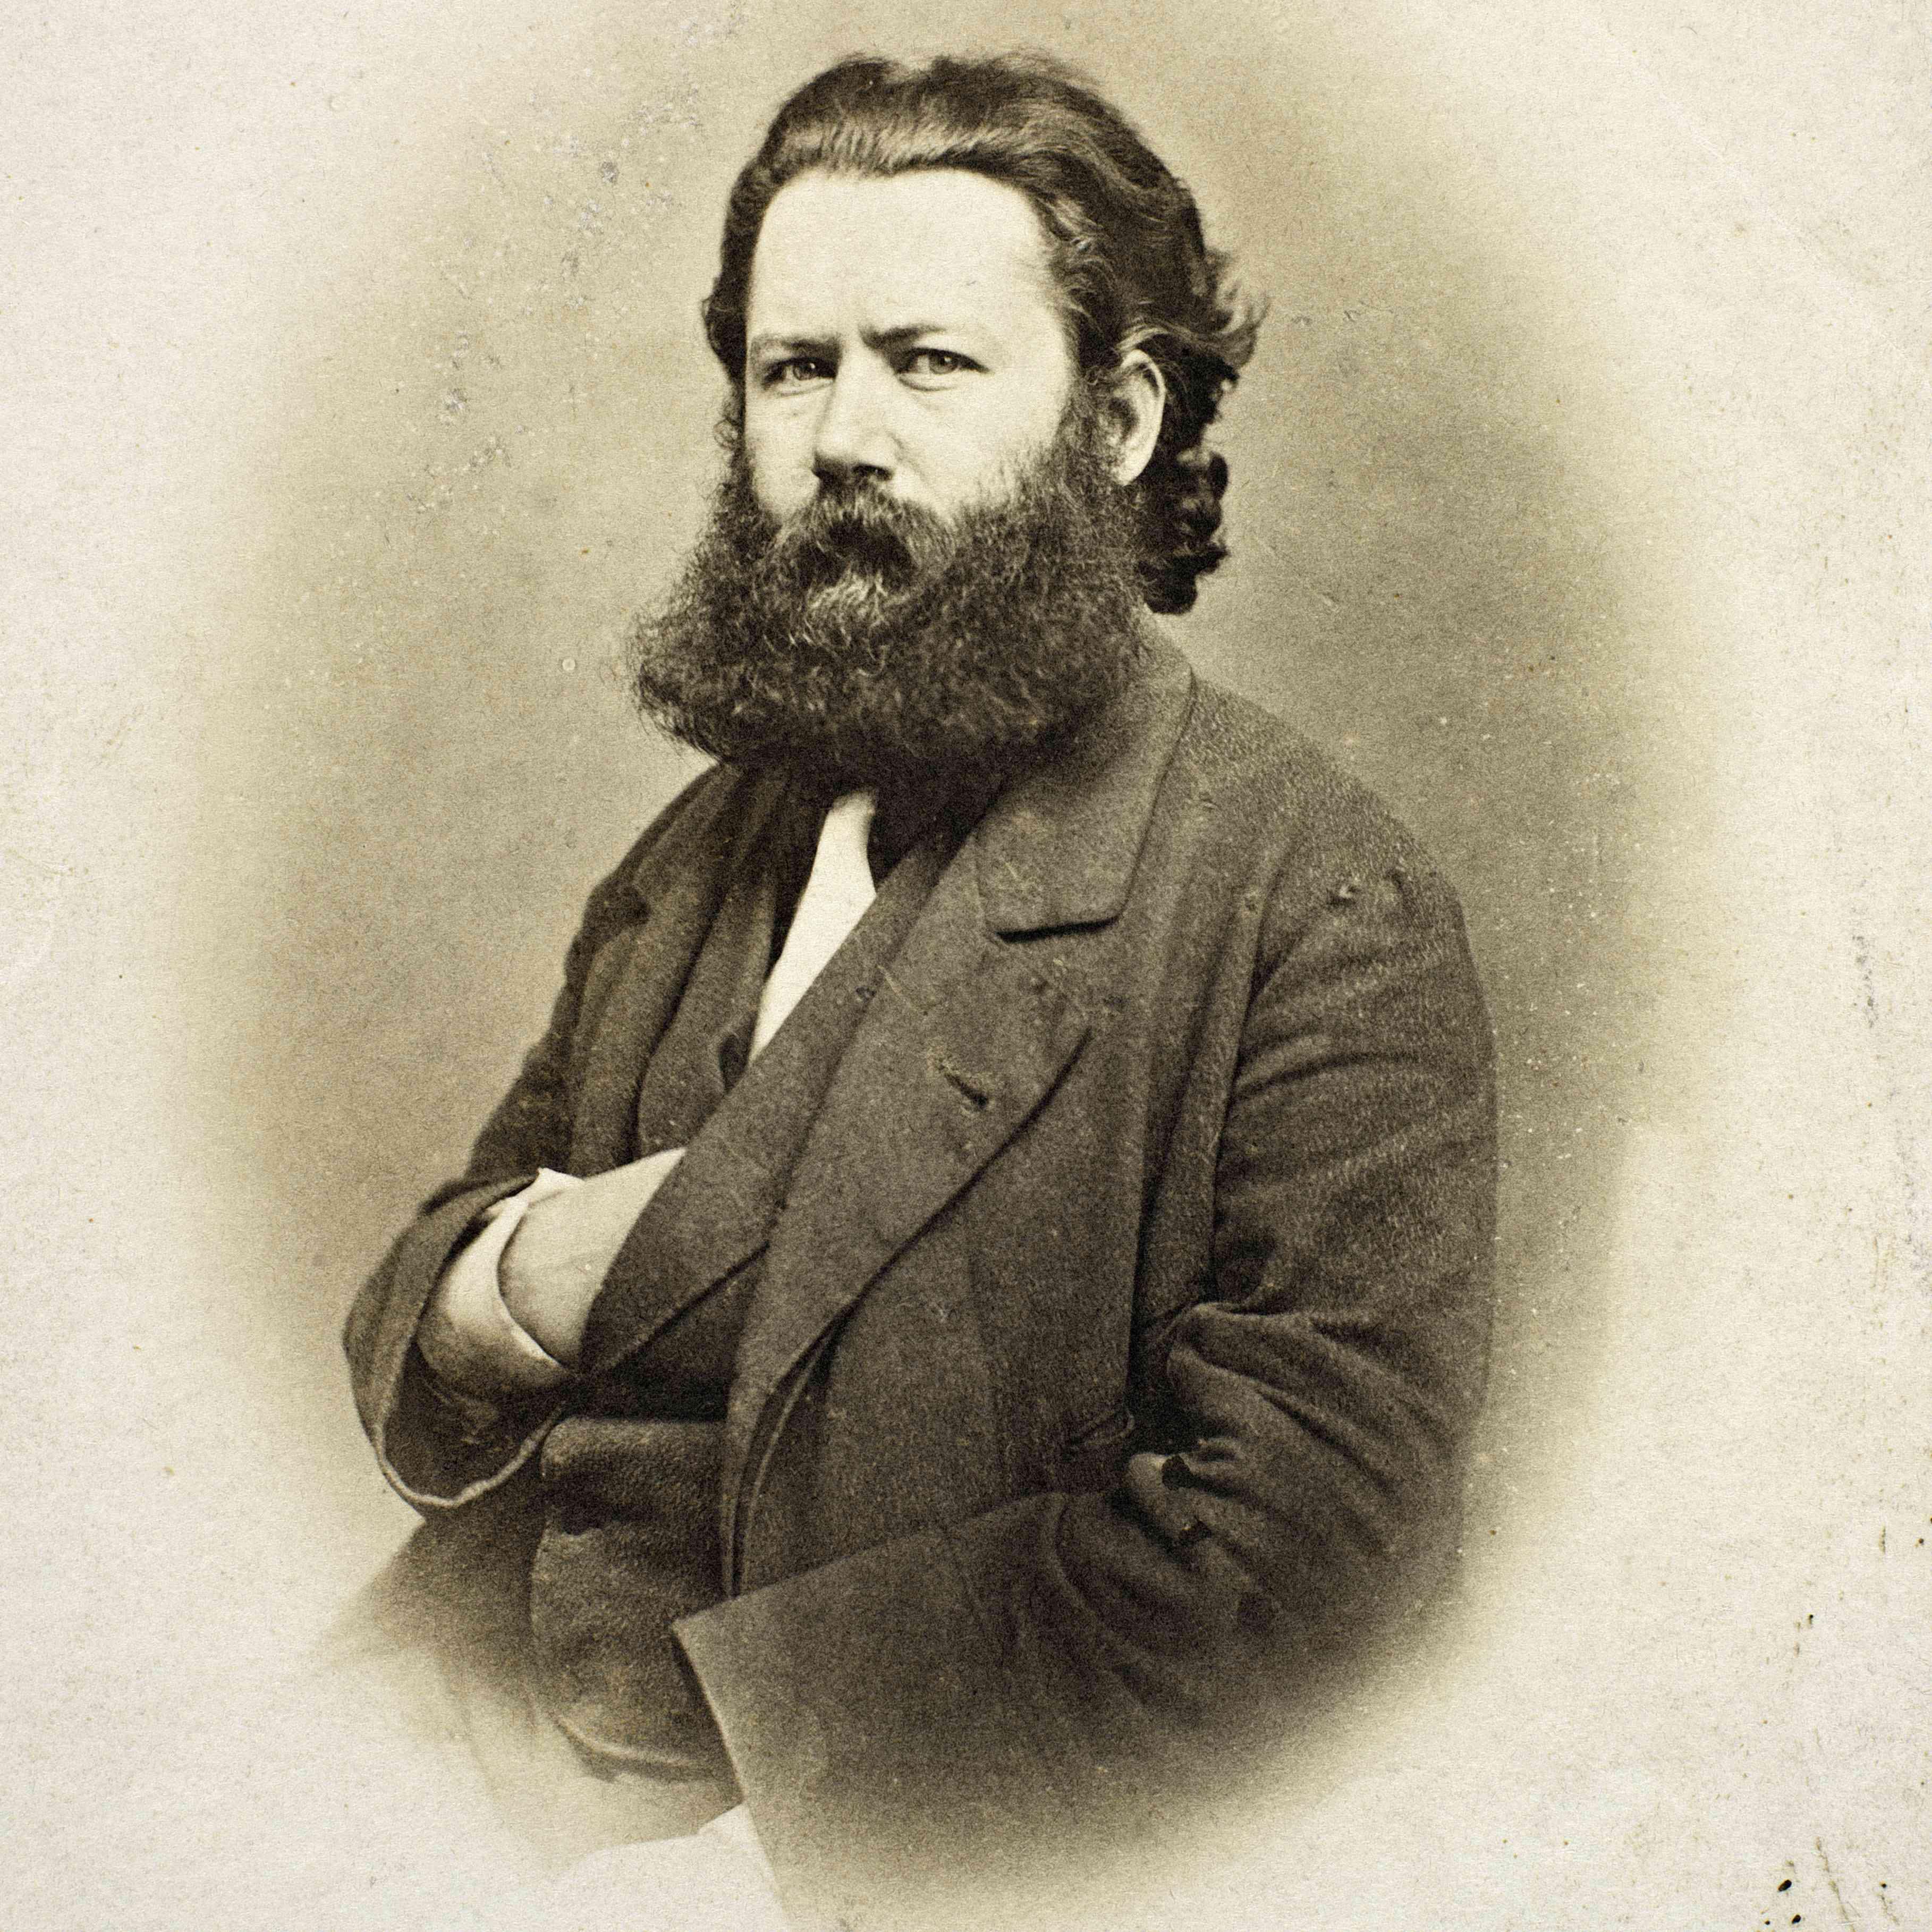 Retrato de Henrik Ibsen 1828-1906